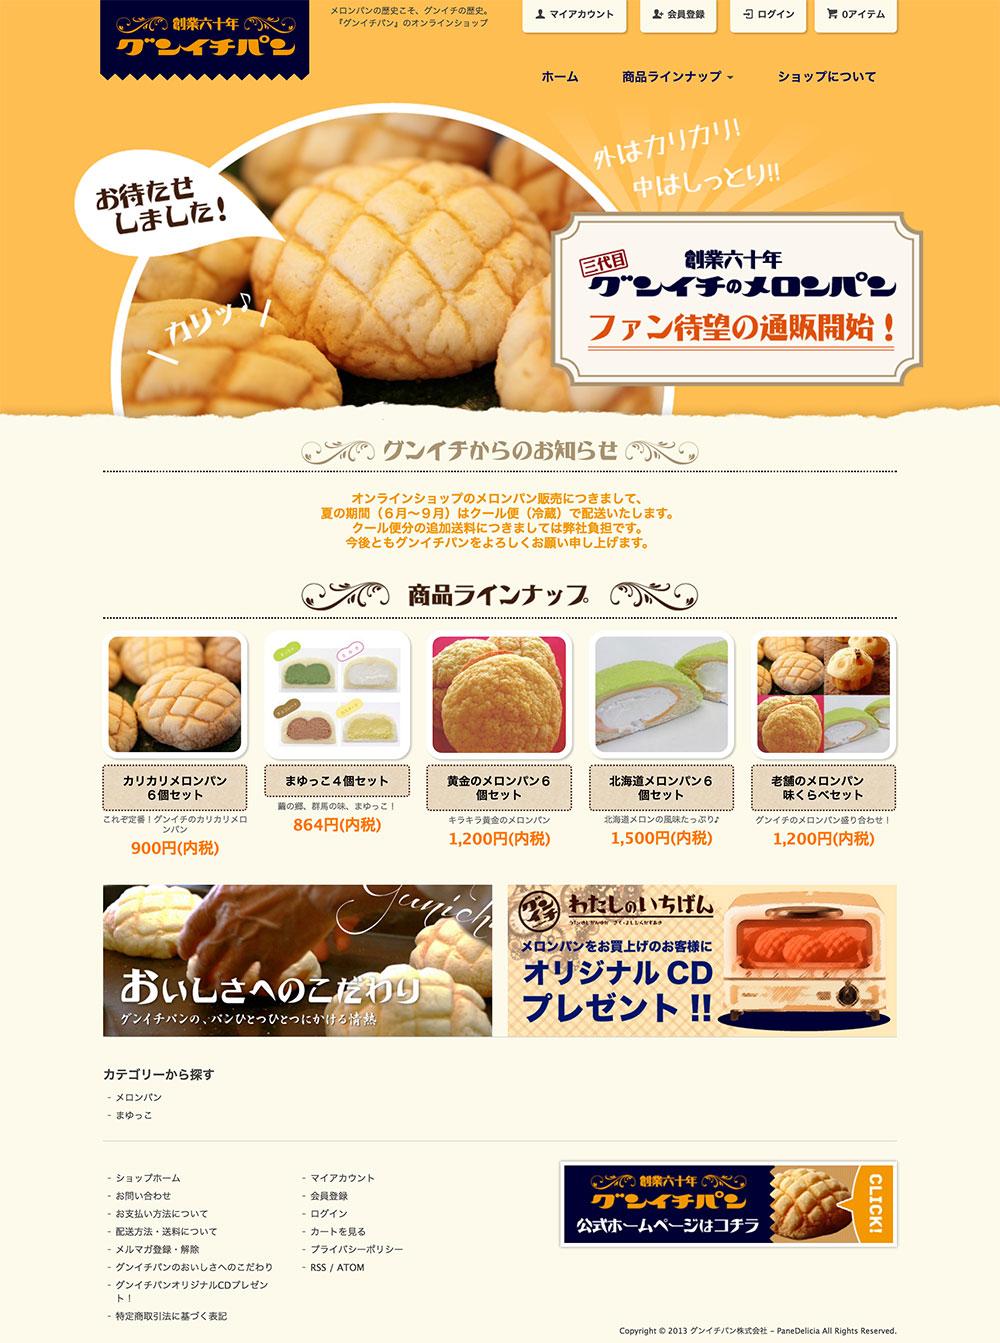 「グンイチパン」のオンラインショッブ